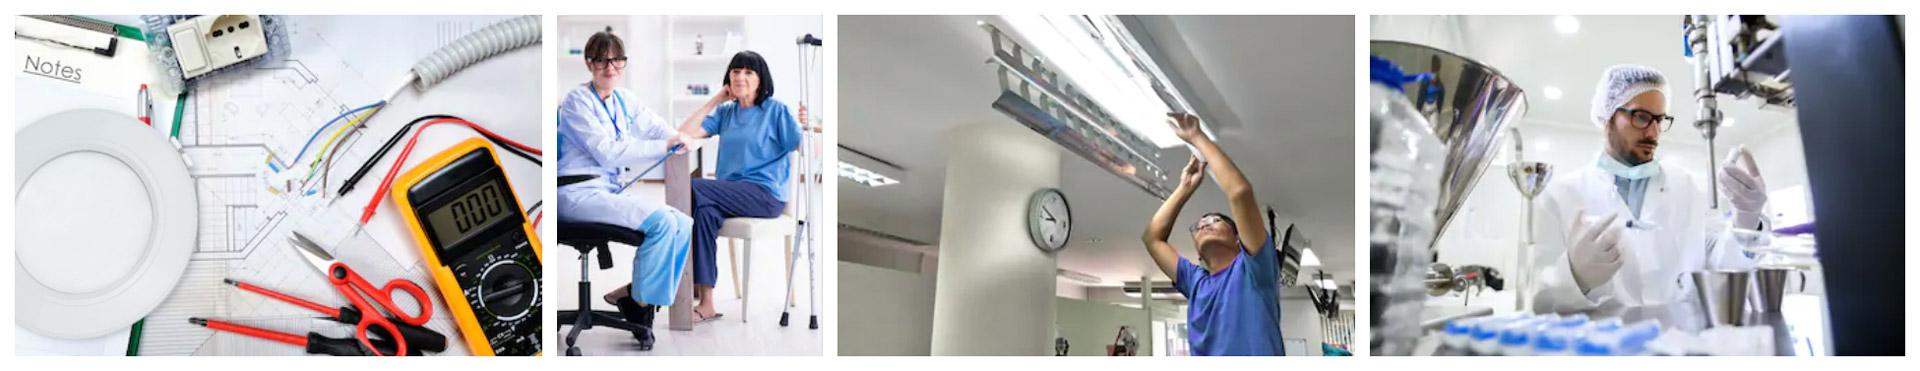 L'éclairage LED des hopitaux necessitera de plsu en plus la norme EN60598-2-25